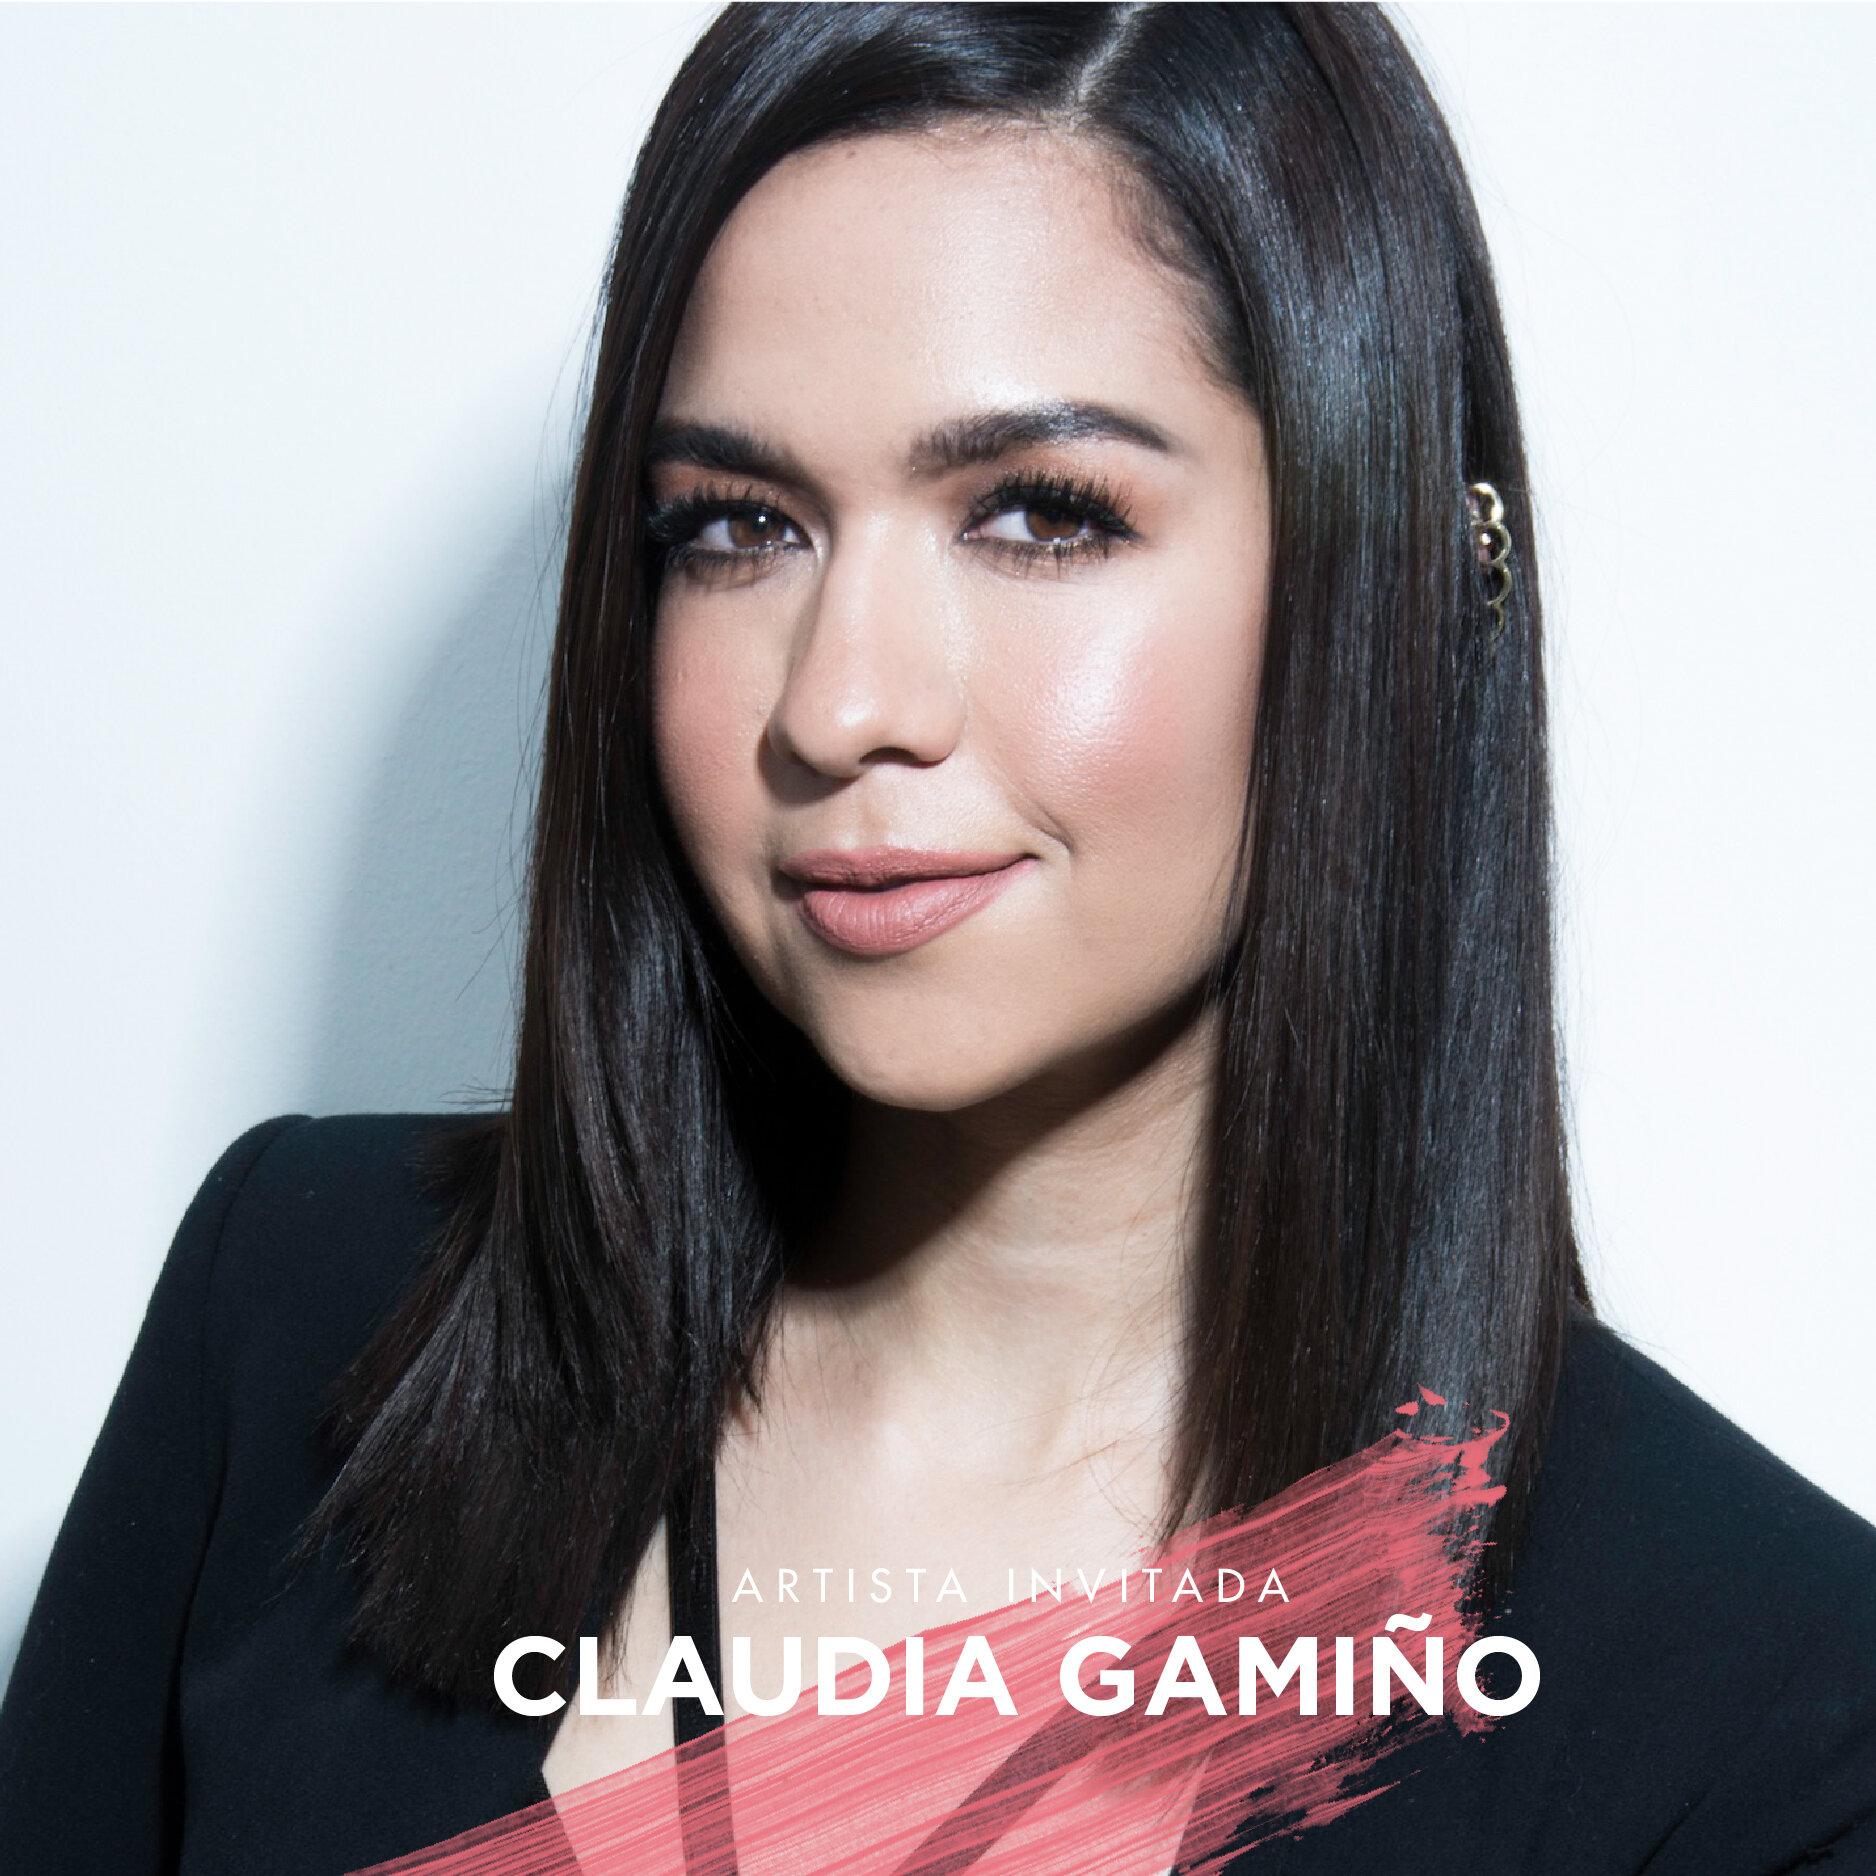 Claudia-02.jpg